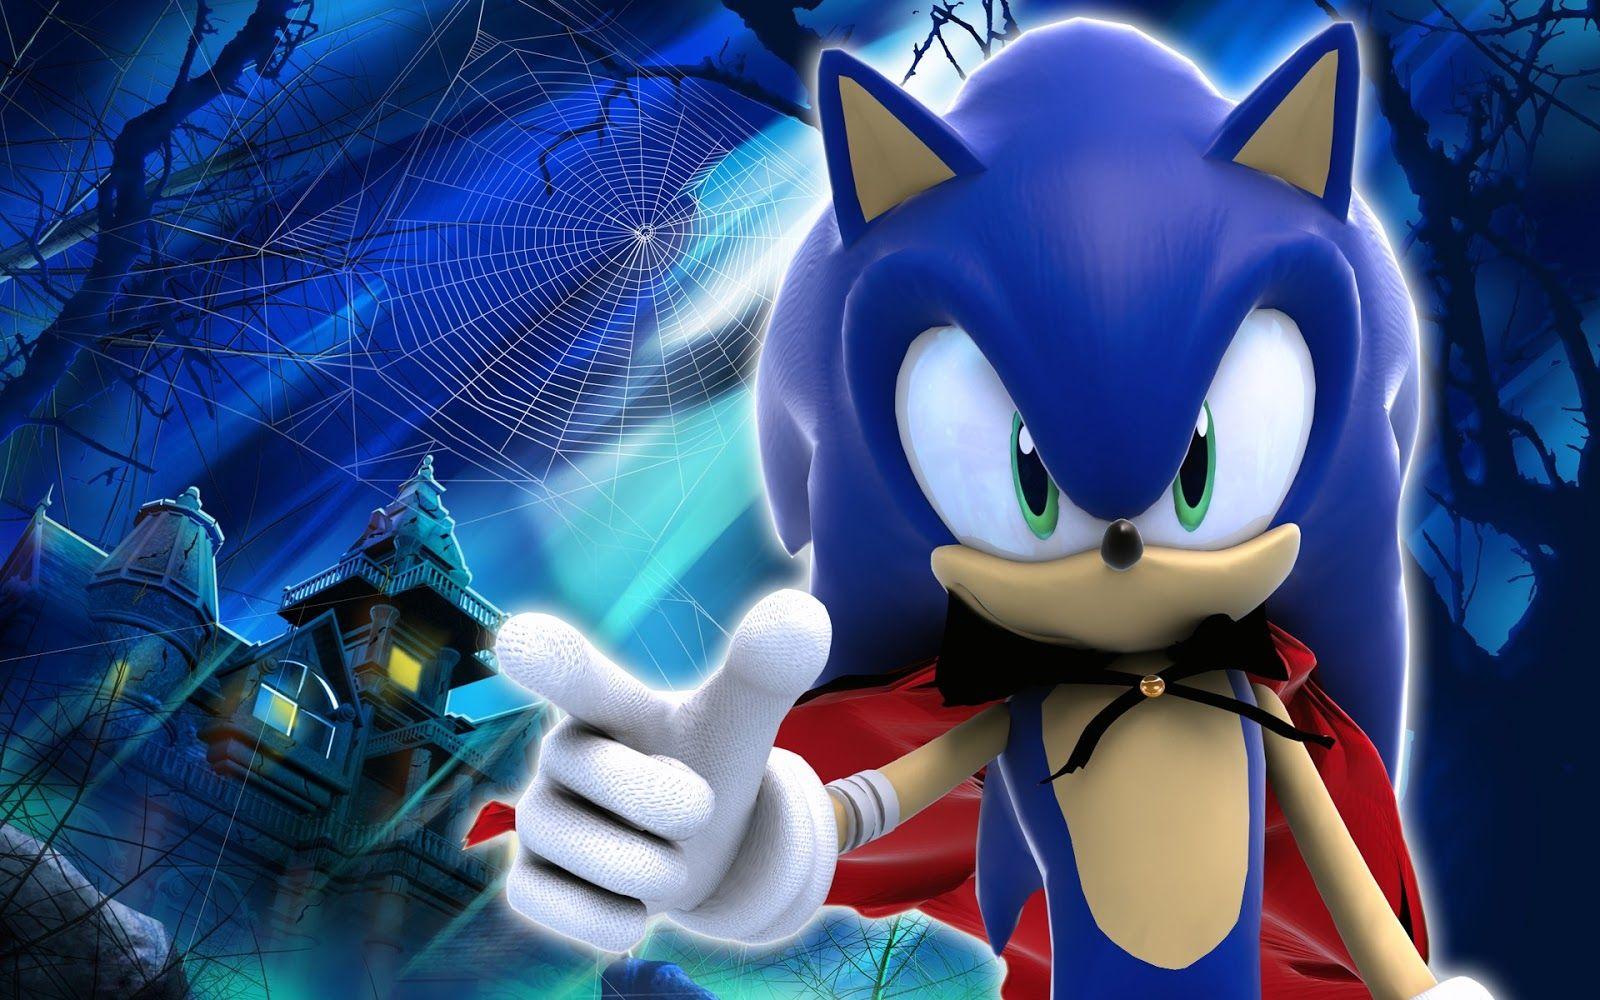 Sonic The Hedgehog Wallpaper Hd Sonique The Hedgehog Klonoa